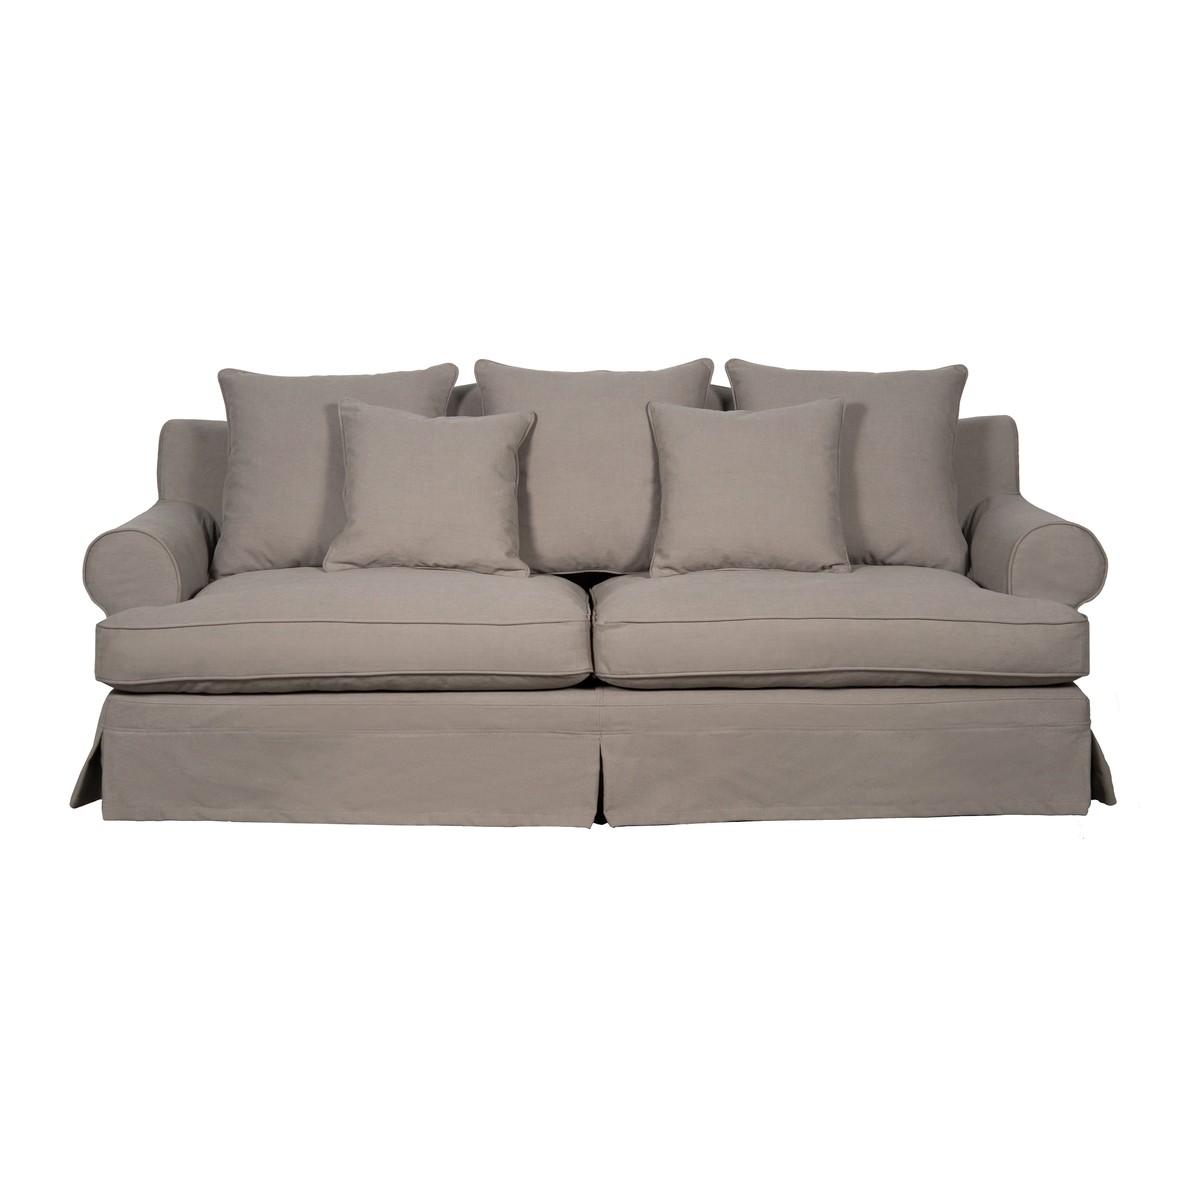 Canapé Multi Couleur avec pr interiors lucerne canapé lucerne 2.5 places a multi-couleurs